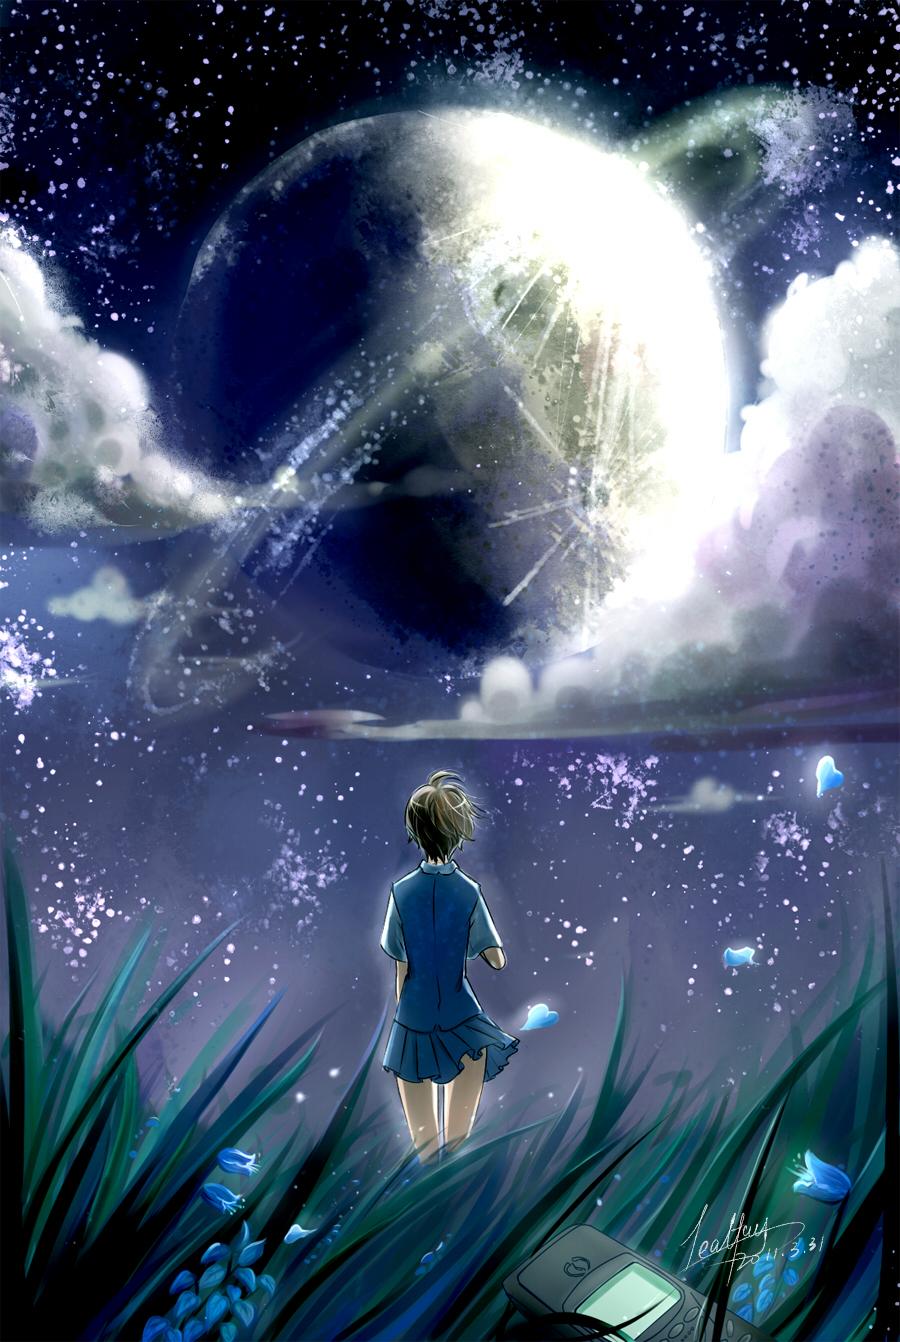 Почему не снятся звёзды? далеко до них или в себе их потому что не нашёл? или еще что-то